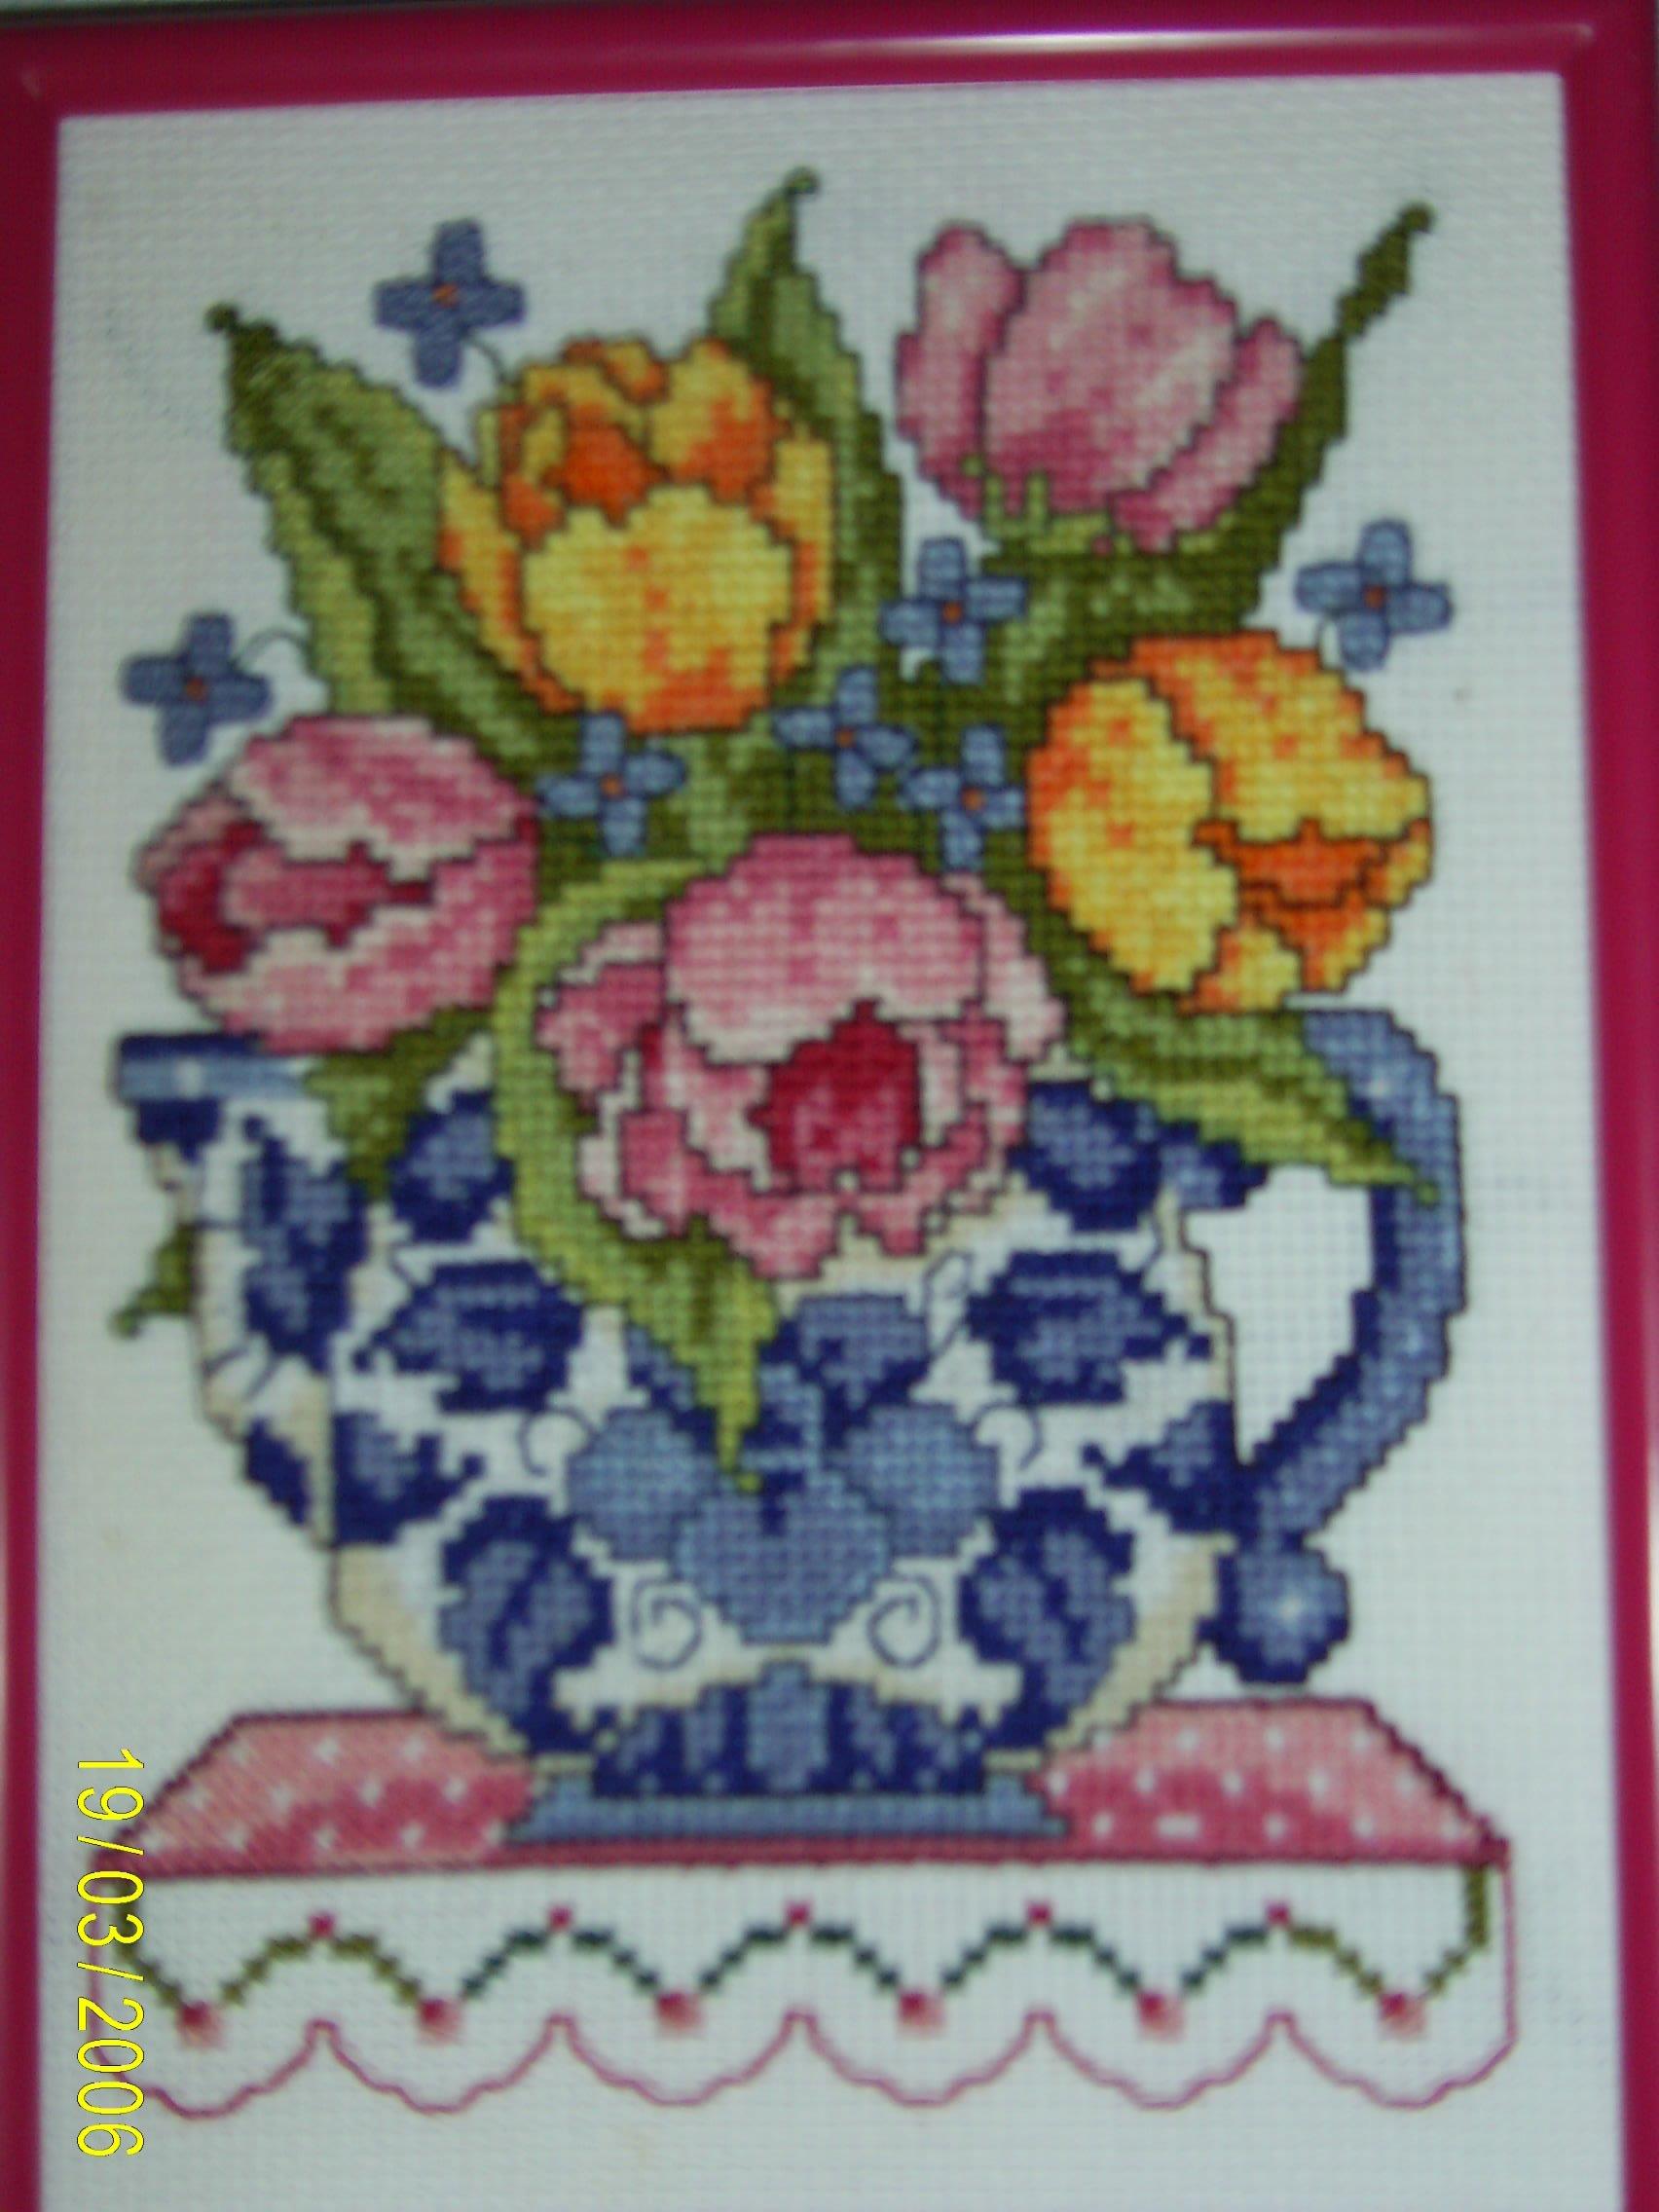 ваза с цветами. Вышивальный конкурс 'Я цветочки вышивала...'